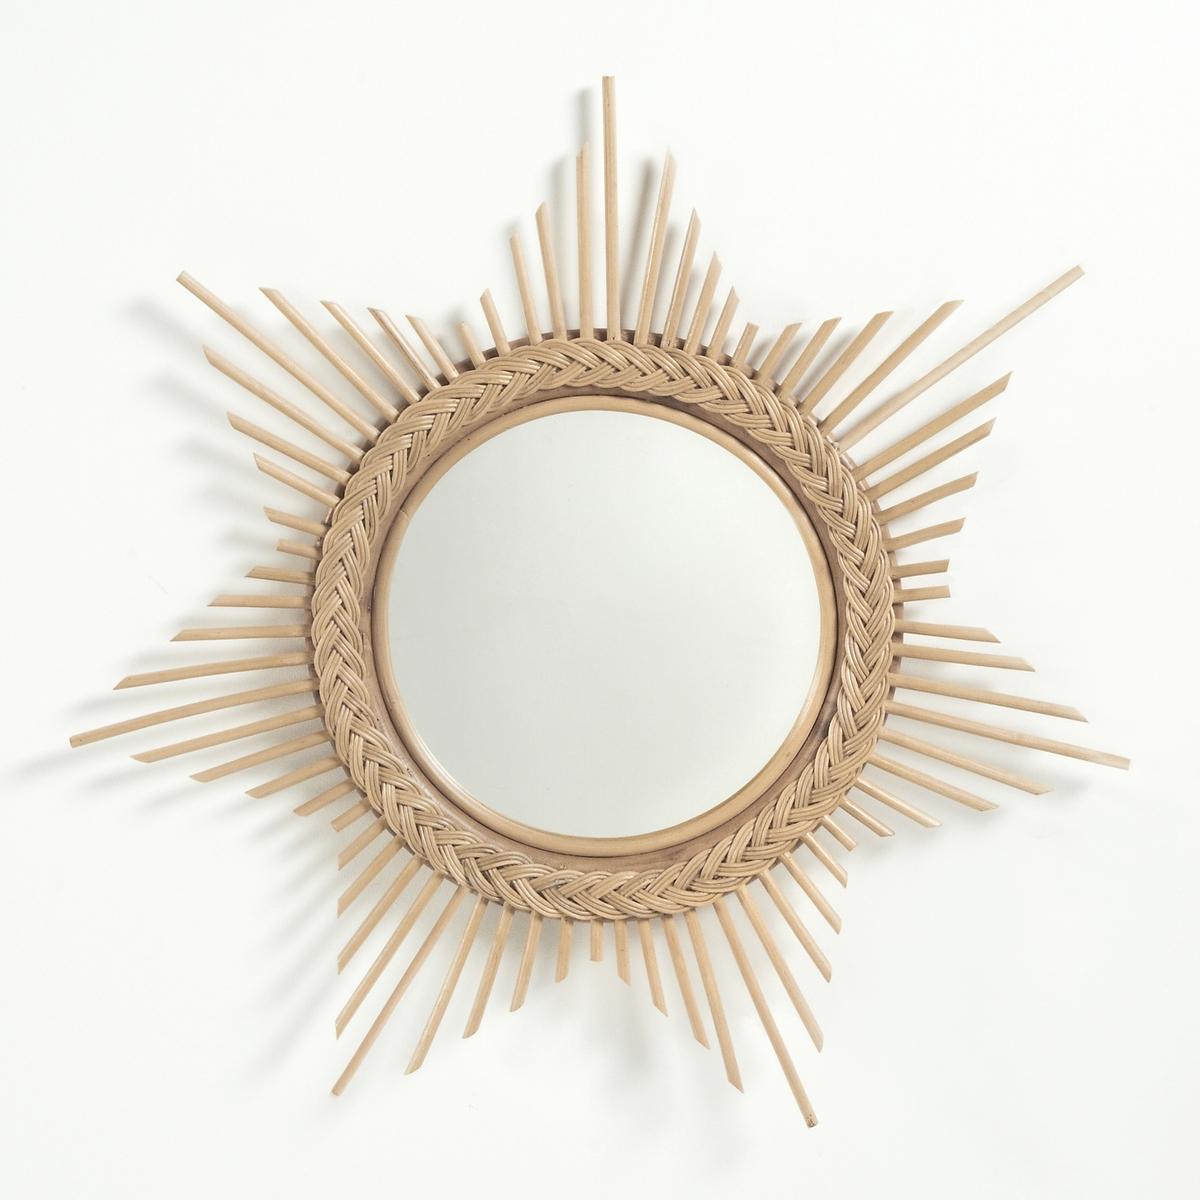 Зеркало в форме солнца из ротанга